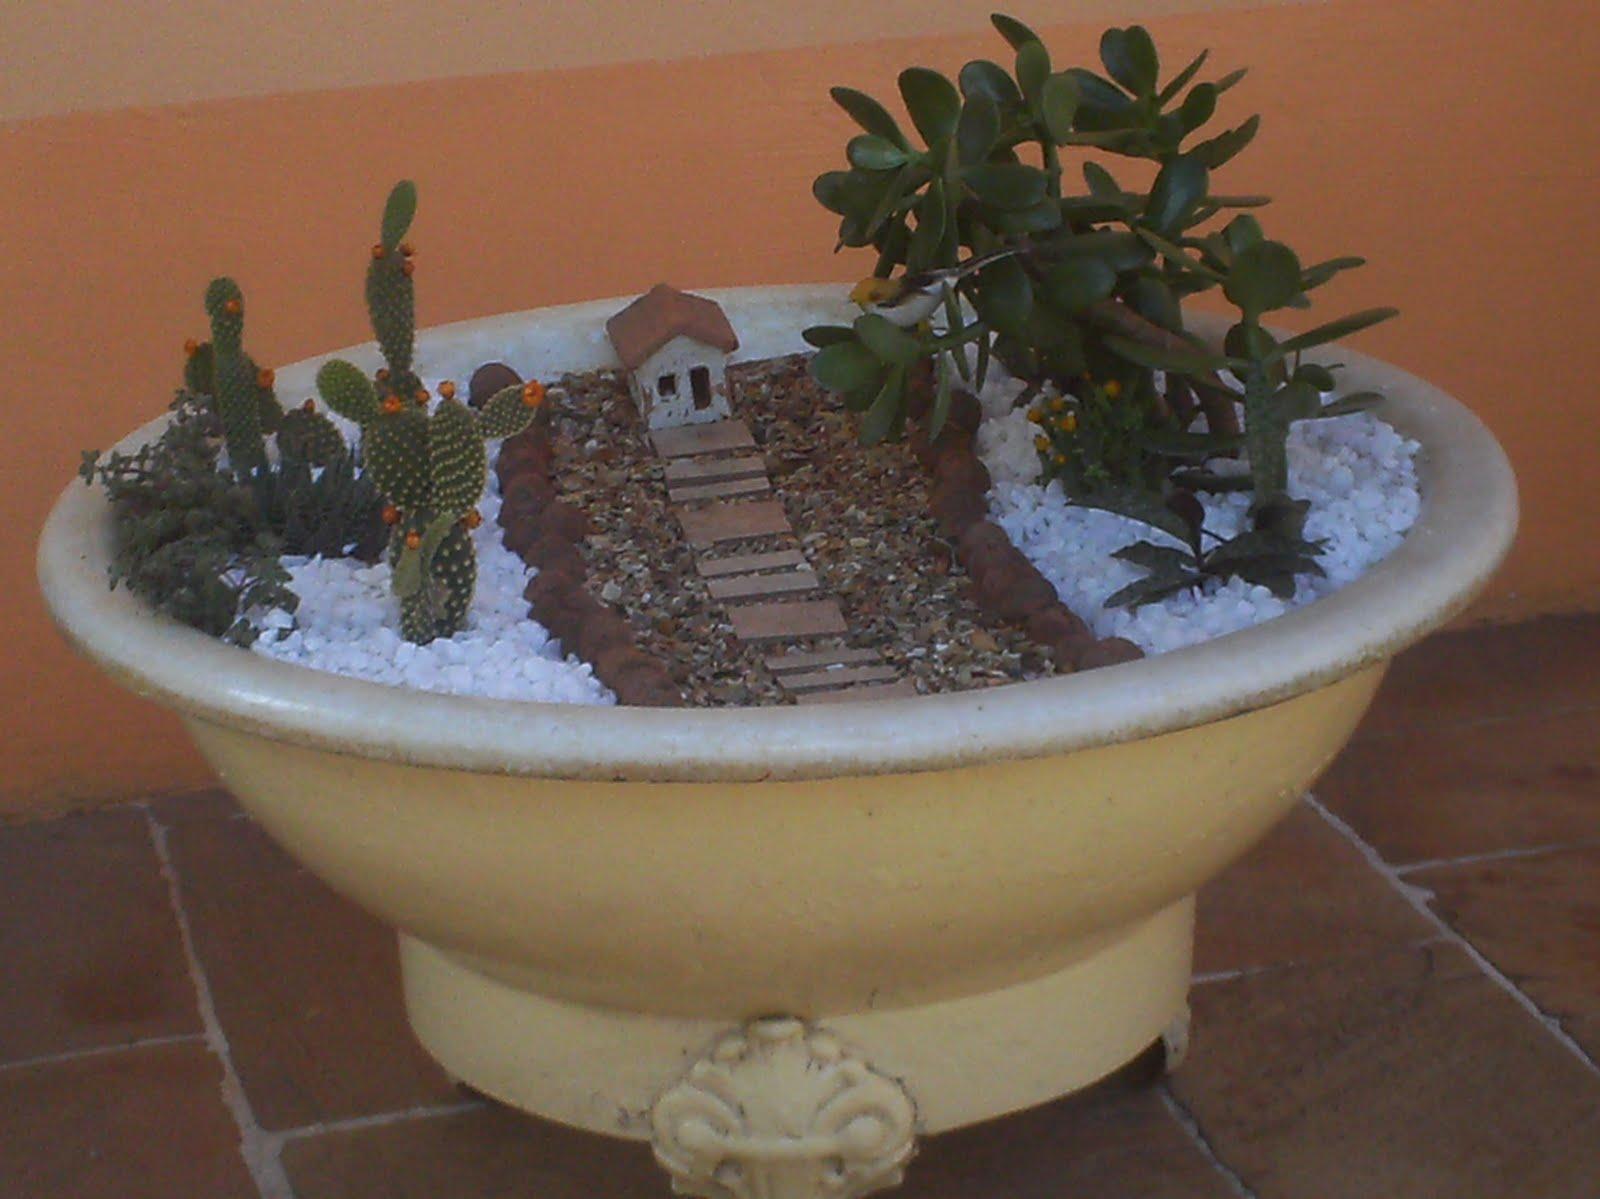 mini jardim suculentas : mini jardim suculentas:Plantarte Claudio: Mini Jardim com Suculentas em Bidê de Ferro